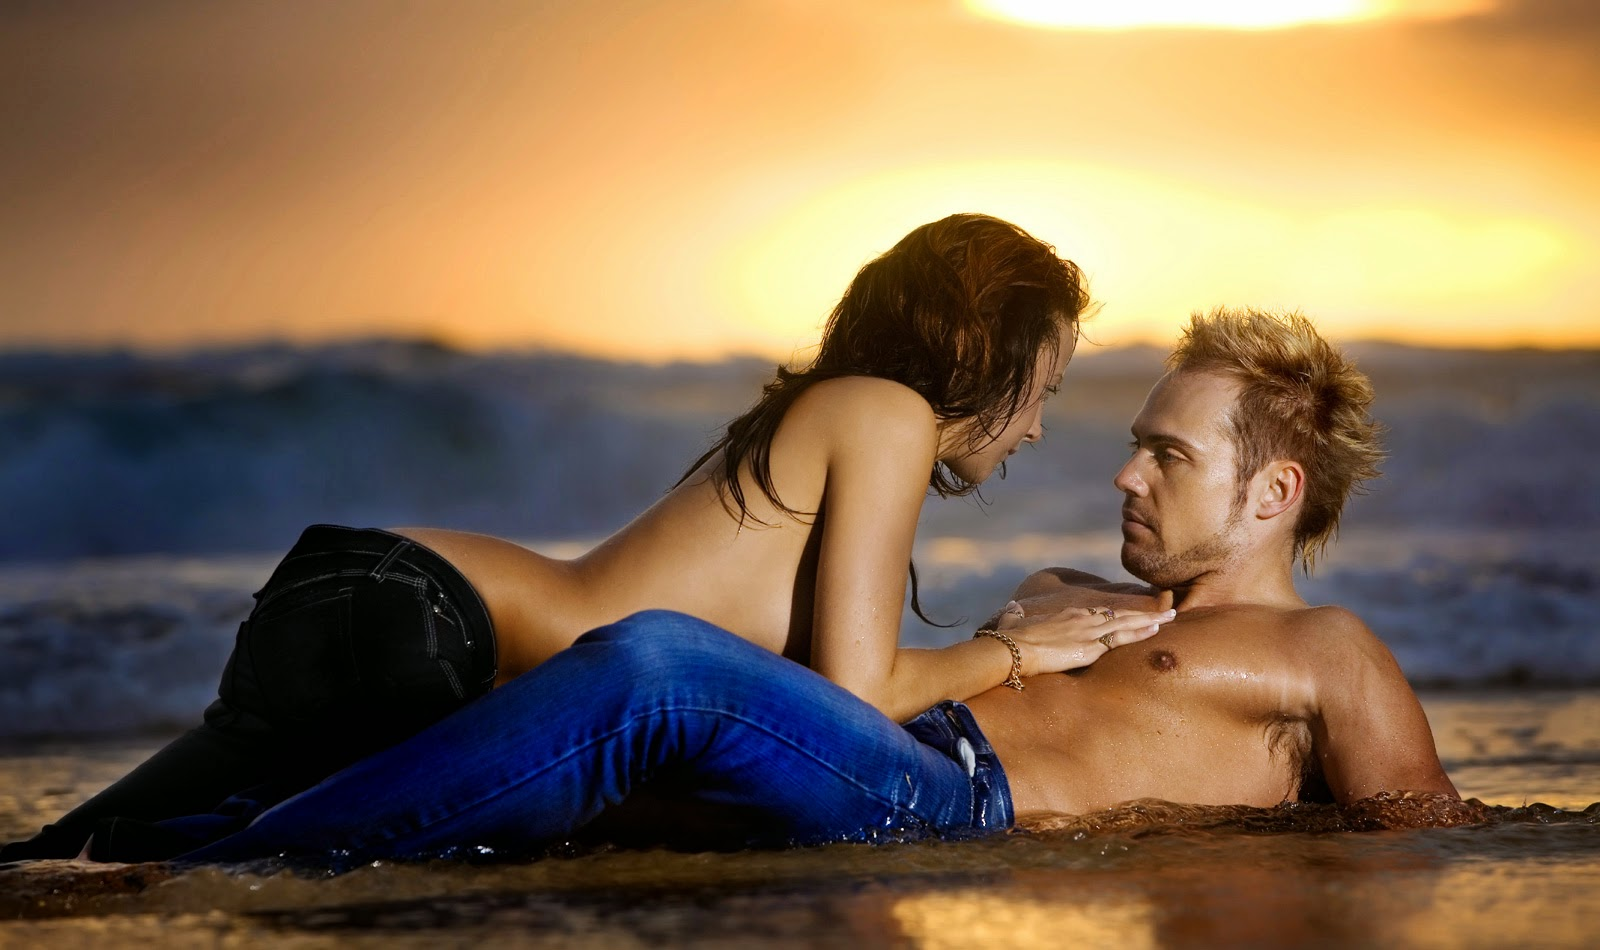 Стихи самой сексуальной девушке, Эротические пошлые стишки для любимой девушки 2 фотография